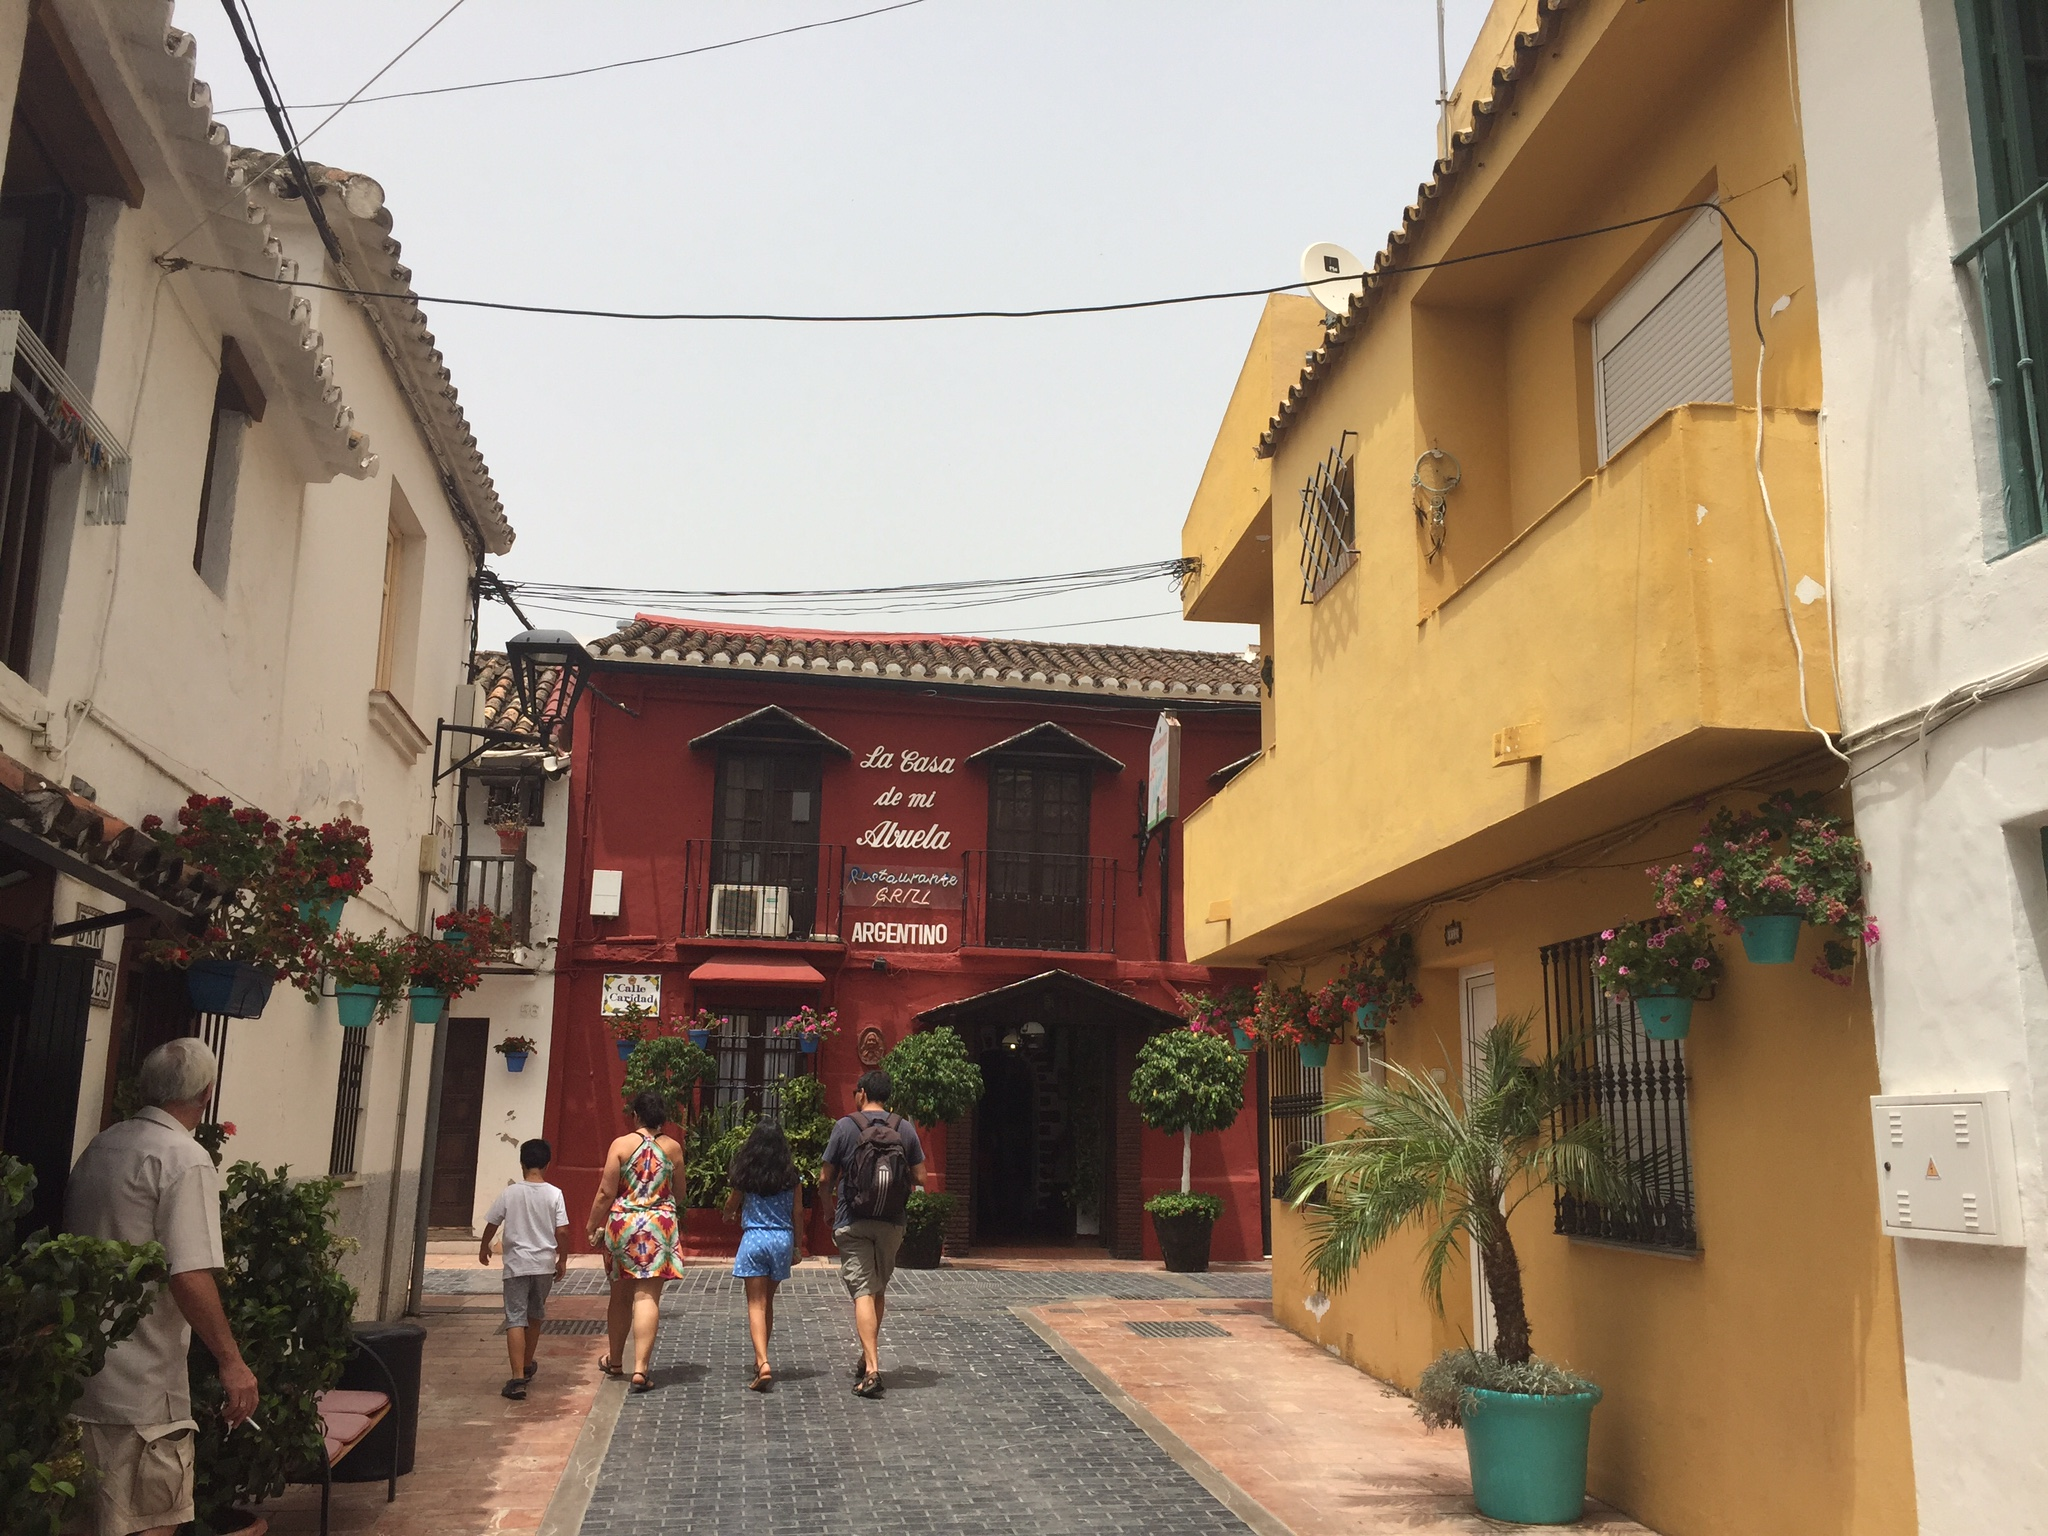 Улочки старого города Эстепоны.